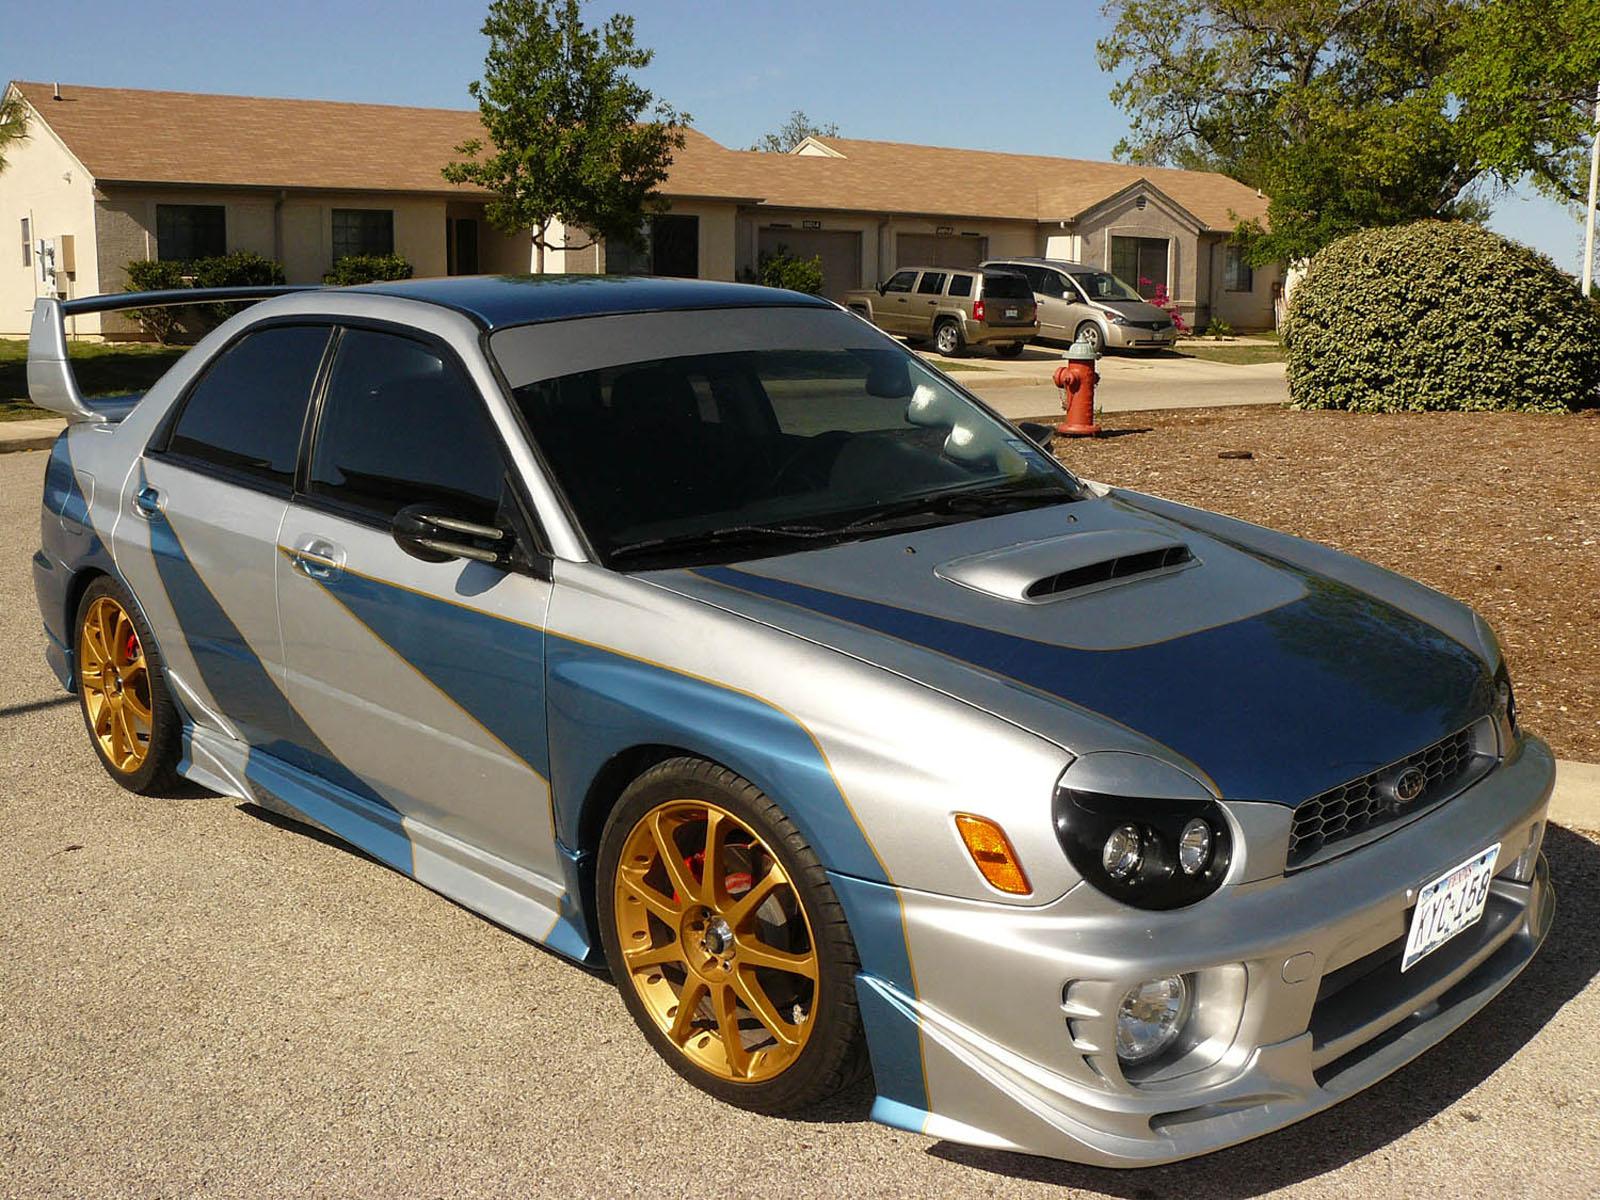 2002 Subaru Impreza Wrx For Sale San Antonio Texas